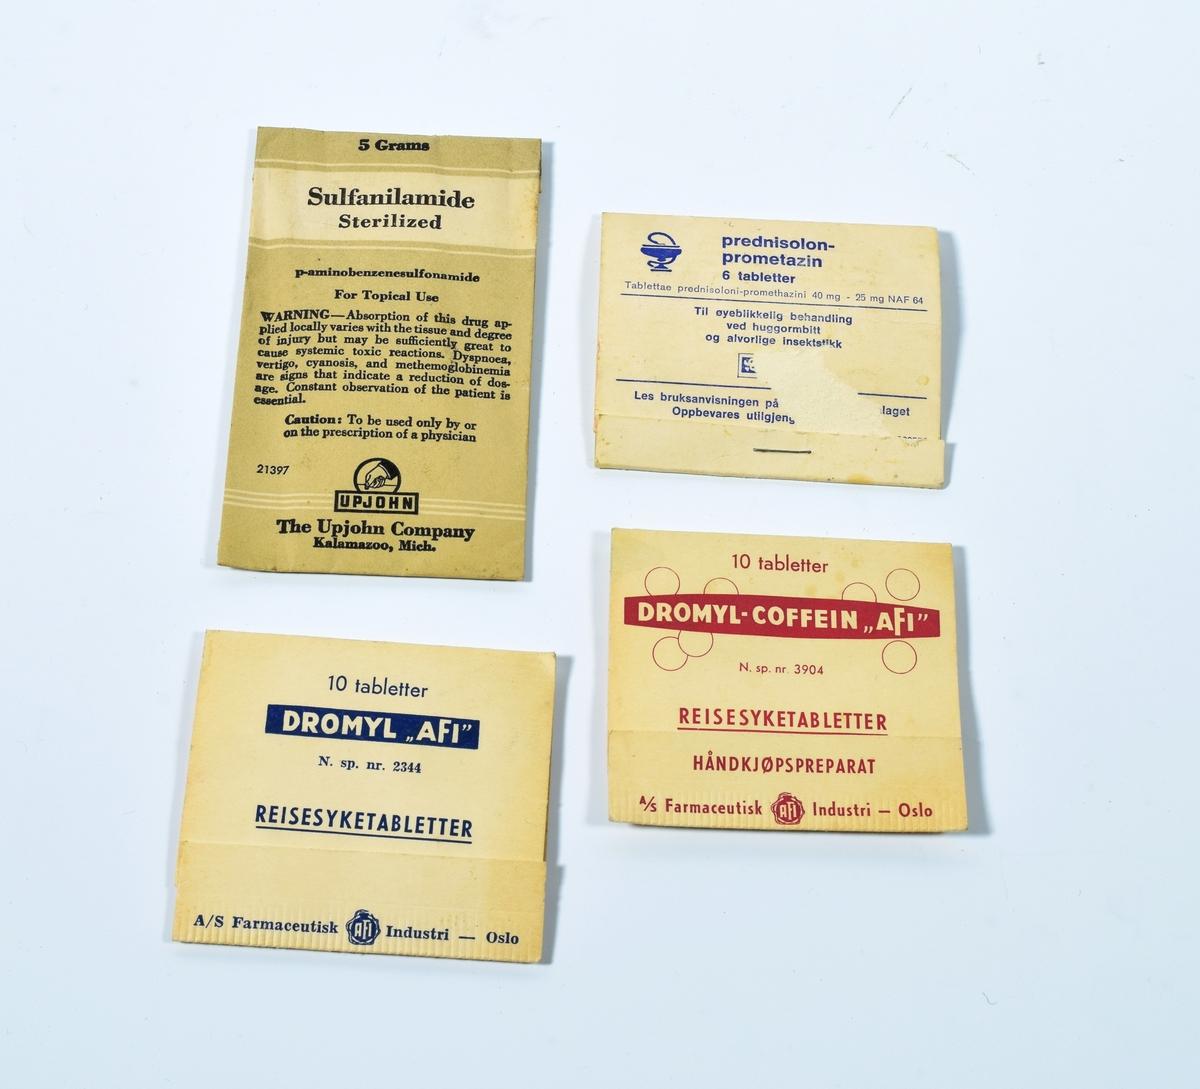 Fire pakker med medisinske preparater.   a) er en hvit og grå uåpnet konvolutt som inneholder pulver. På forsiden har den svart trykk/tekst.   b) en hvit (noe gulnet) folder i myk papp. På forsiden har den trykk/tekst i blått. Inni er det et mykt brett med seks tabletter. Pappen er foldet rundt dette brettet som er festet til pappen med en stift. Denne stiftet fungerer også som en del av lukkemekanismen.   c) en hvit (noe gulnet) folder i myk papp. På for- og baksiden har den tekst/trykk i blått. Inni er det et mykt plastbrett med ti gule tabletter. Den ene tabletten er presset ut av plasten og halvparten av denne er borte. Pappen er foldet rundt dette brettet som er festet til pappen på den ene siden.   d) en hvit (noe gulnet) folder i myk papp. På for- og baksiden har den tekst/trykk i rødt. Inni er det et mykt plastbrett med ti gule tabletter. Pappen er foldet rundt dette brettet som er festet til pappen på den ene siden.